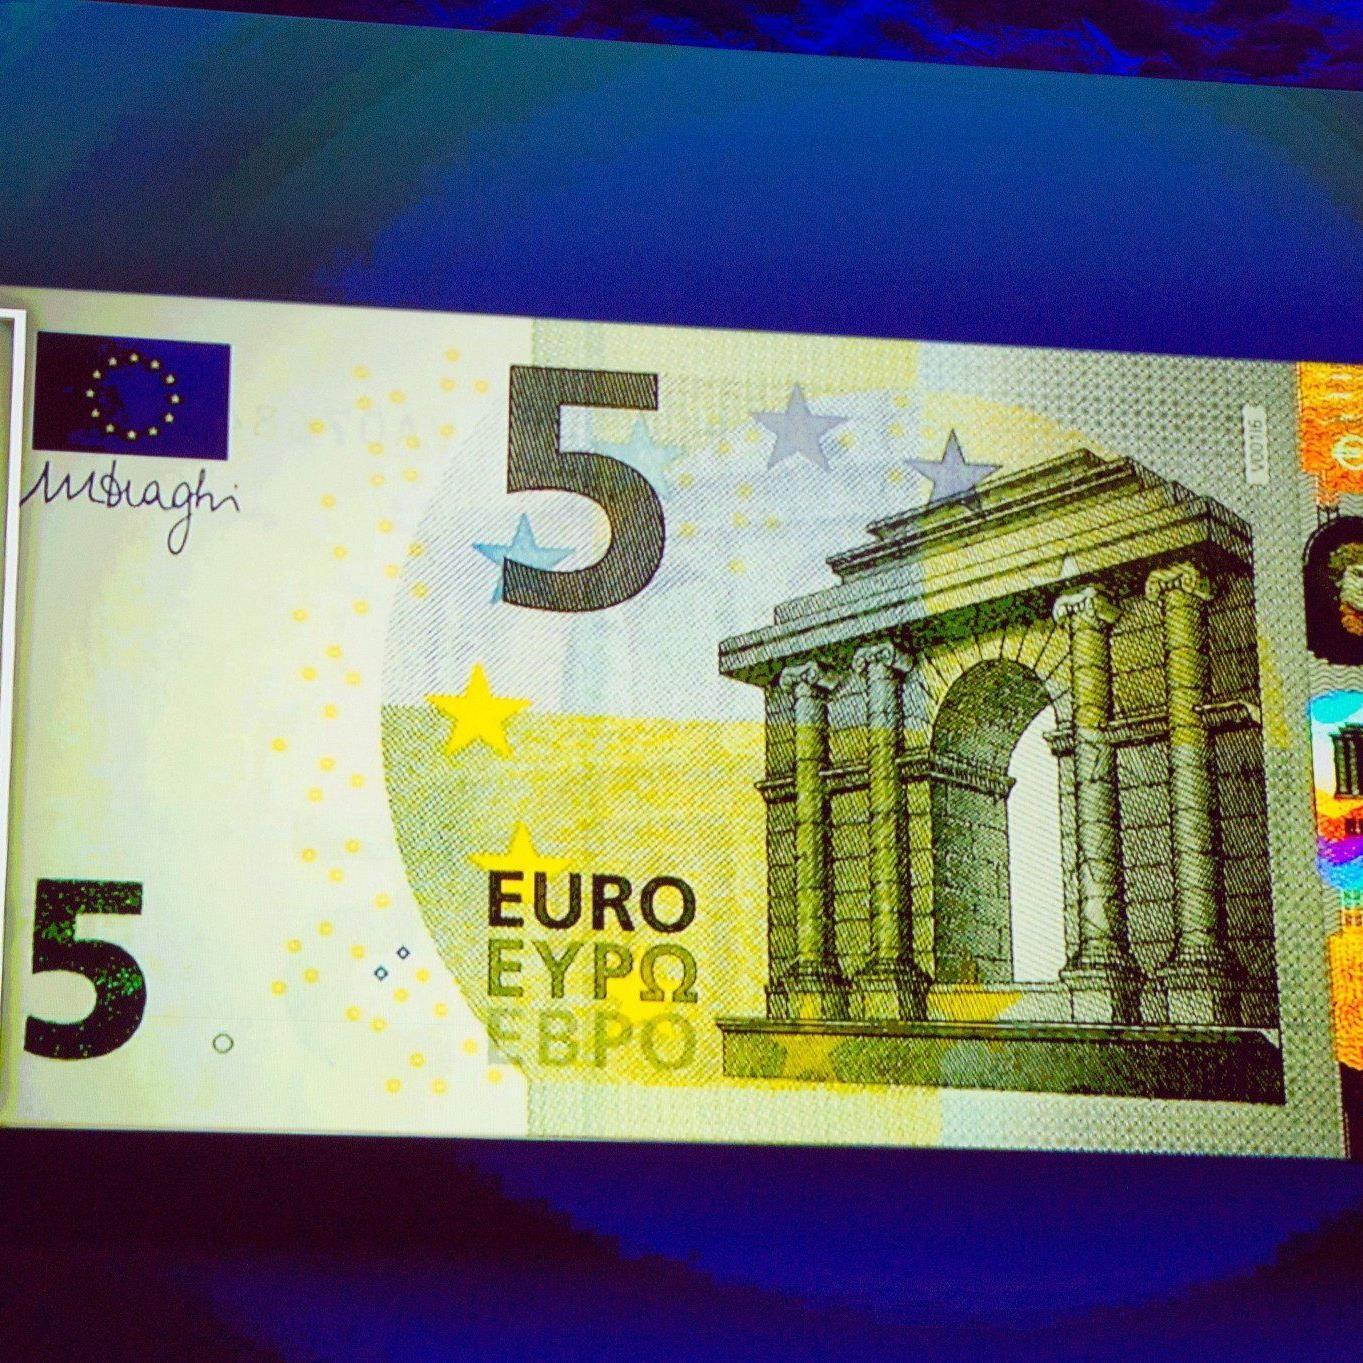 Ab 2. Mai sollen 3 Milliarden neue Banknoten in Umlauf kommen.